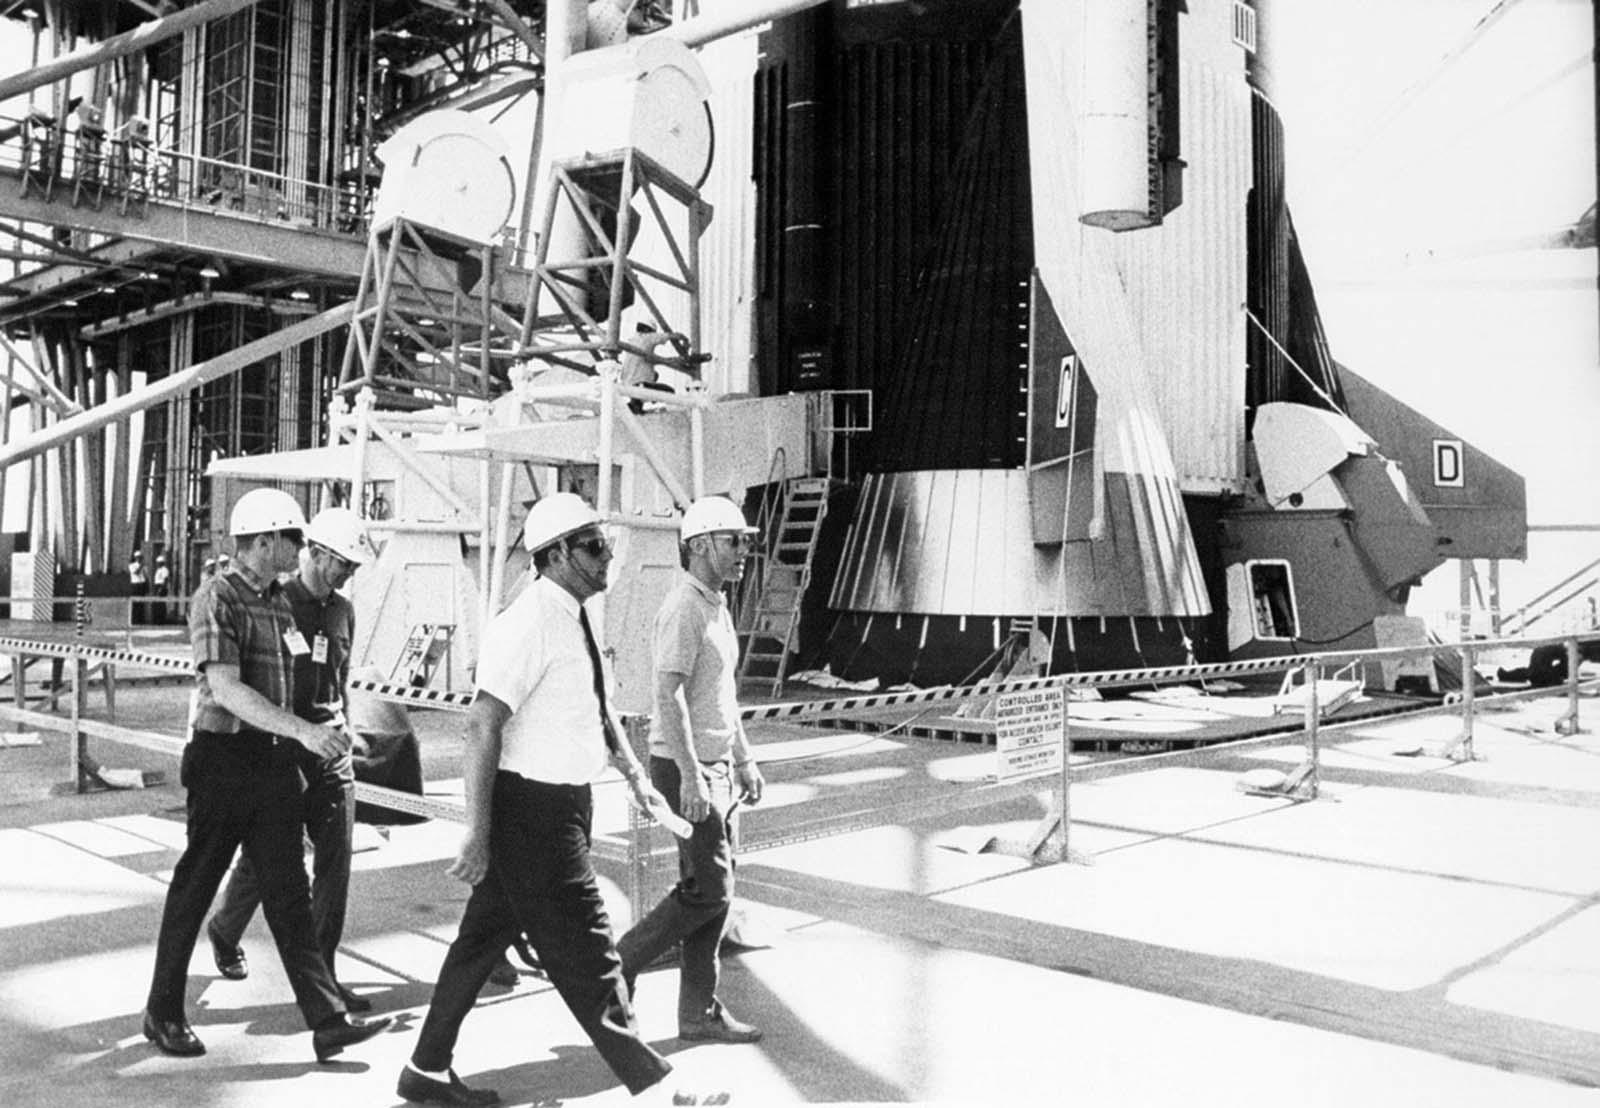 Apollo 11 preparation%2B%252827%2529 - Fotos raras da preparação de Neil Armstrong antes de ir a Lua